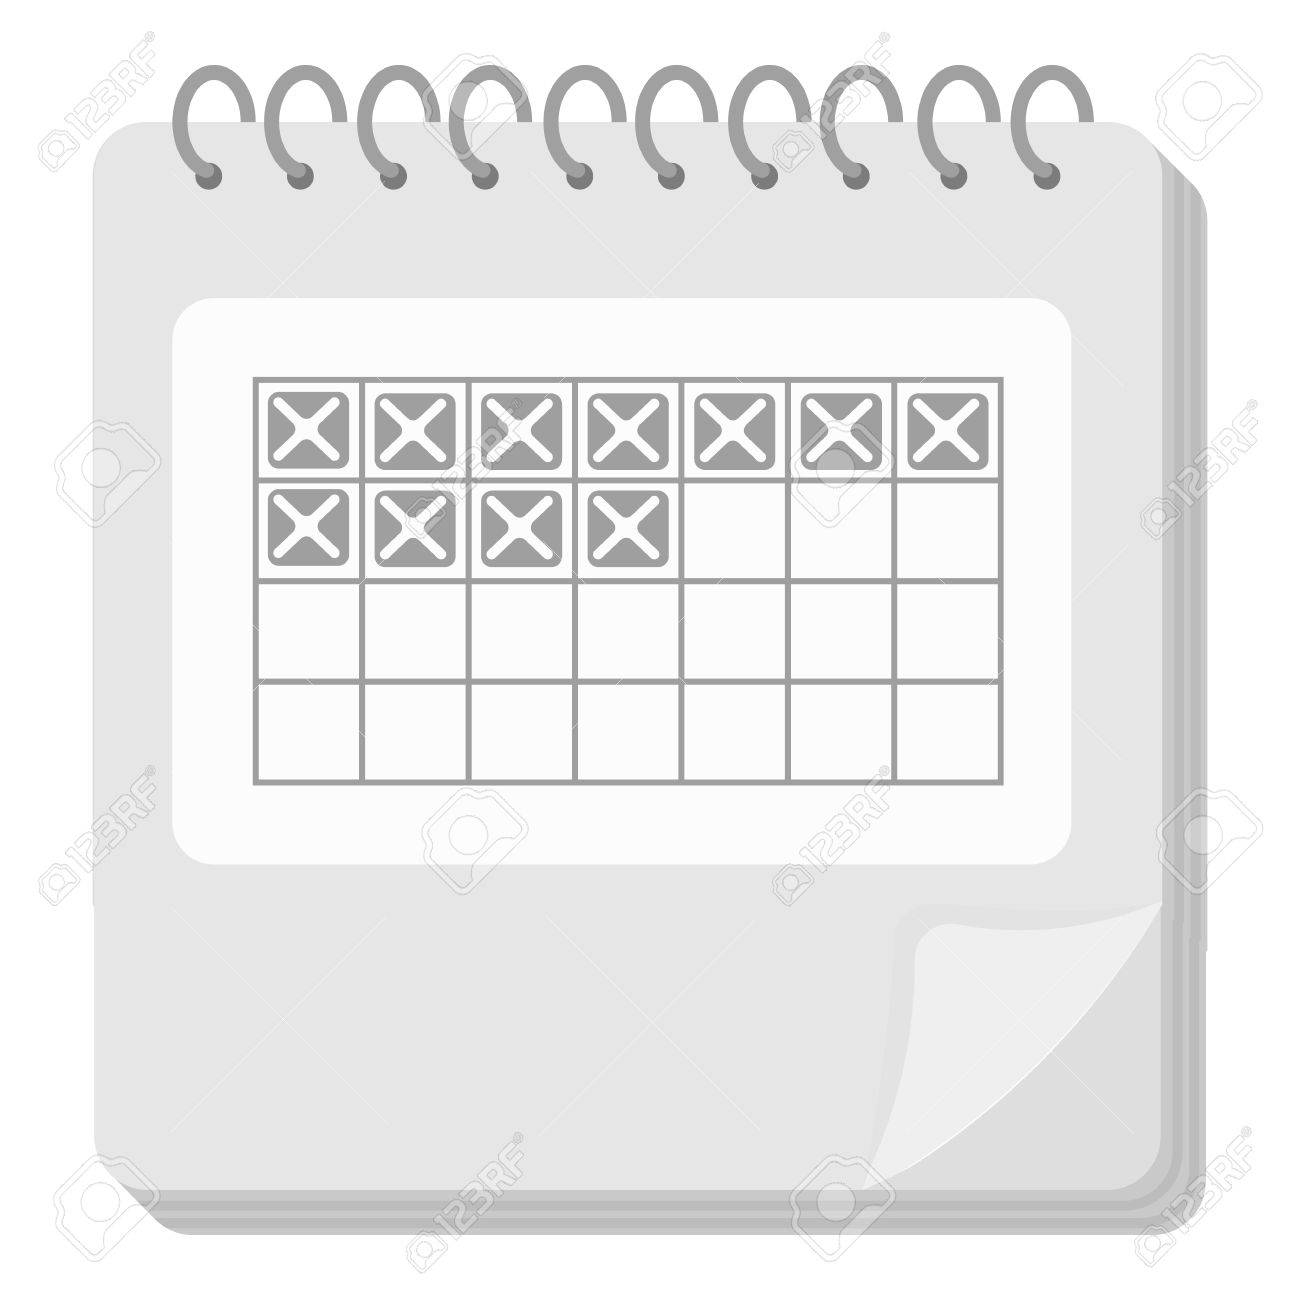 932e45f33 Foto de archivo - Icono de calendario en el estilo blanco y negro sobre  fondo blanco. Embarazo ilustración vectorial símbolo.